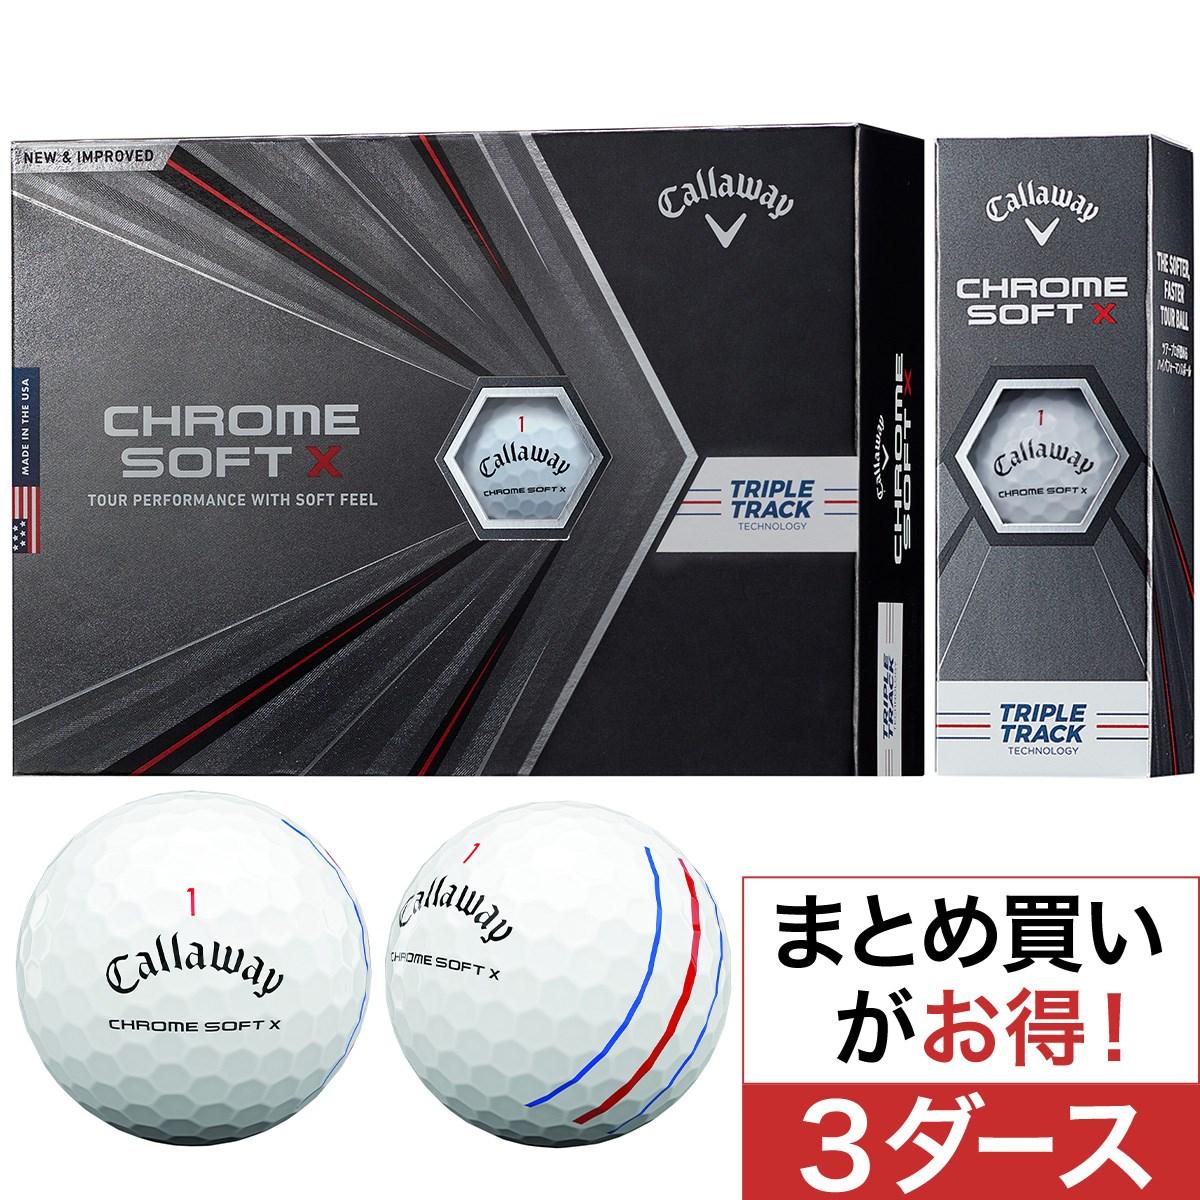 キャロウェイゴルフ(Callaway Golf) CHROME SOFT X ボール 3ダースセット